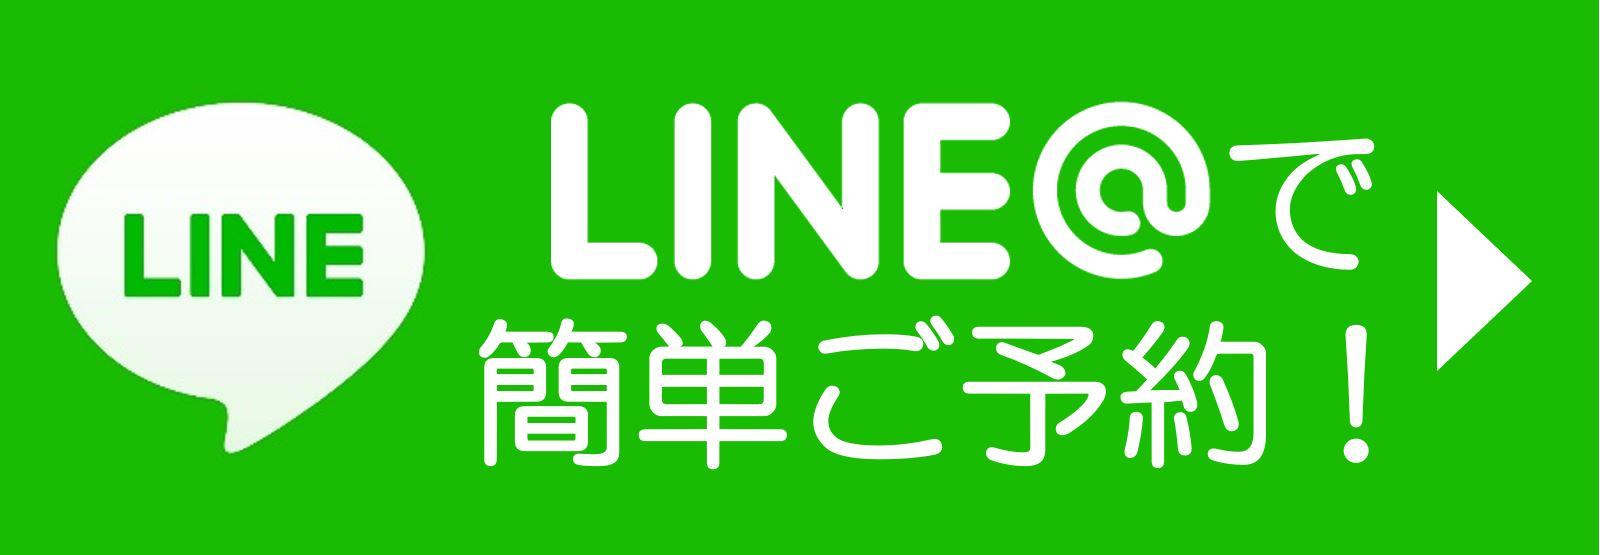 LINEの予約窓口